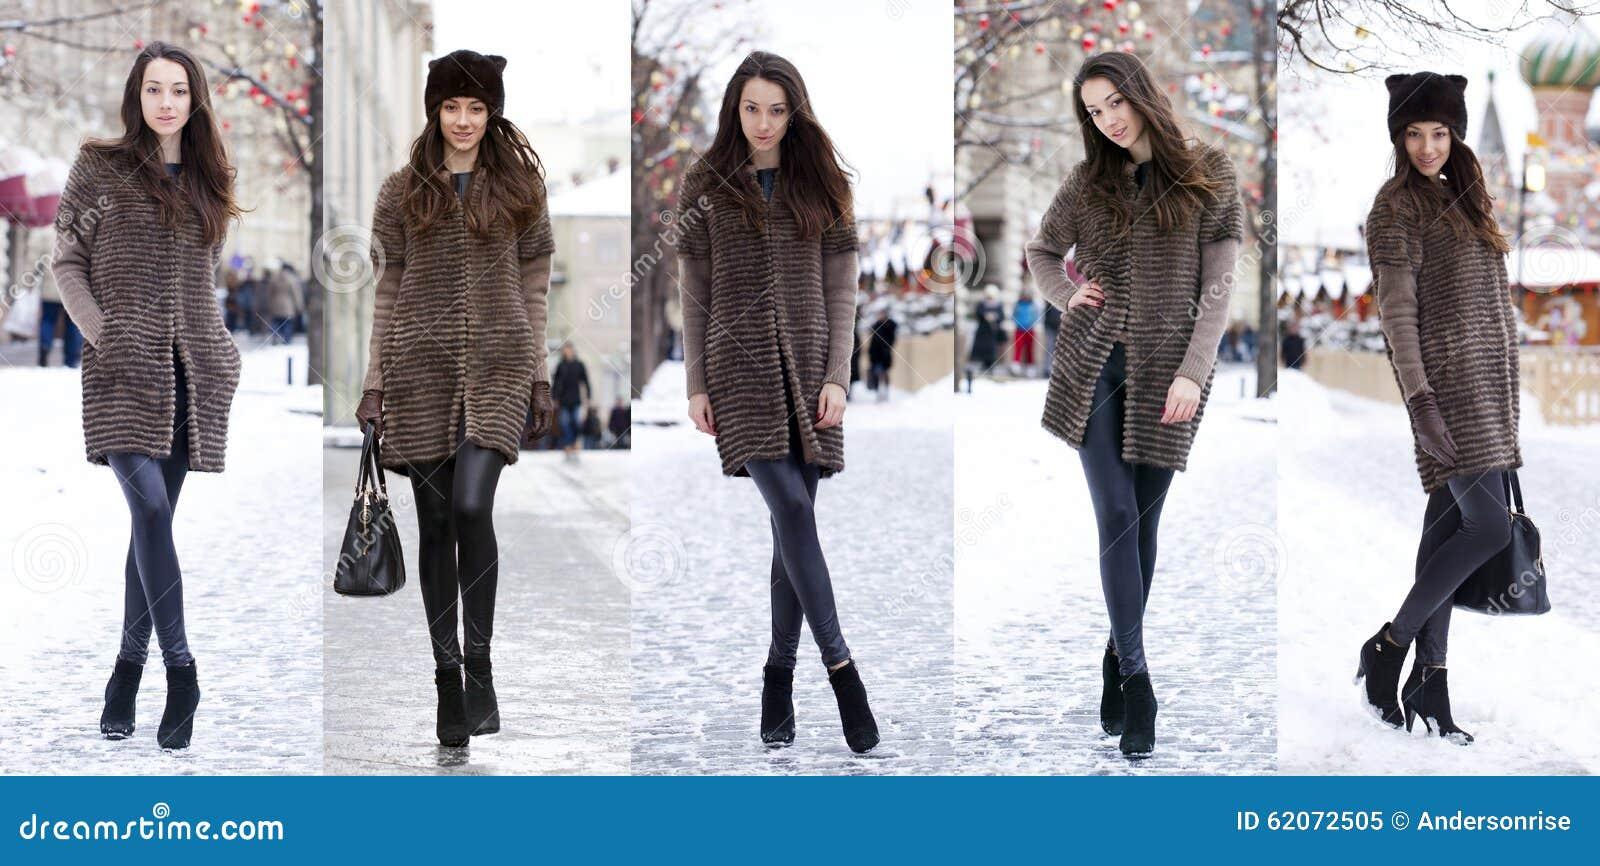 Woman Winter Fashion Beautiful 44